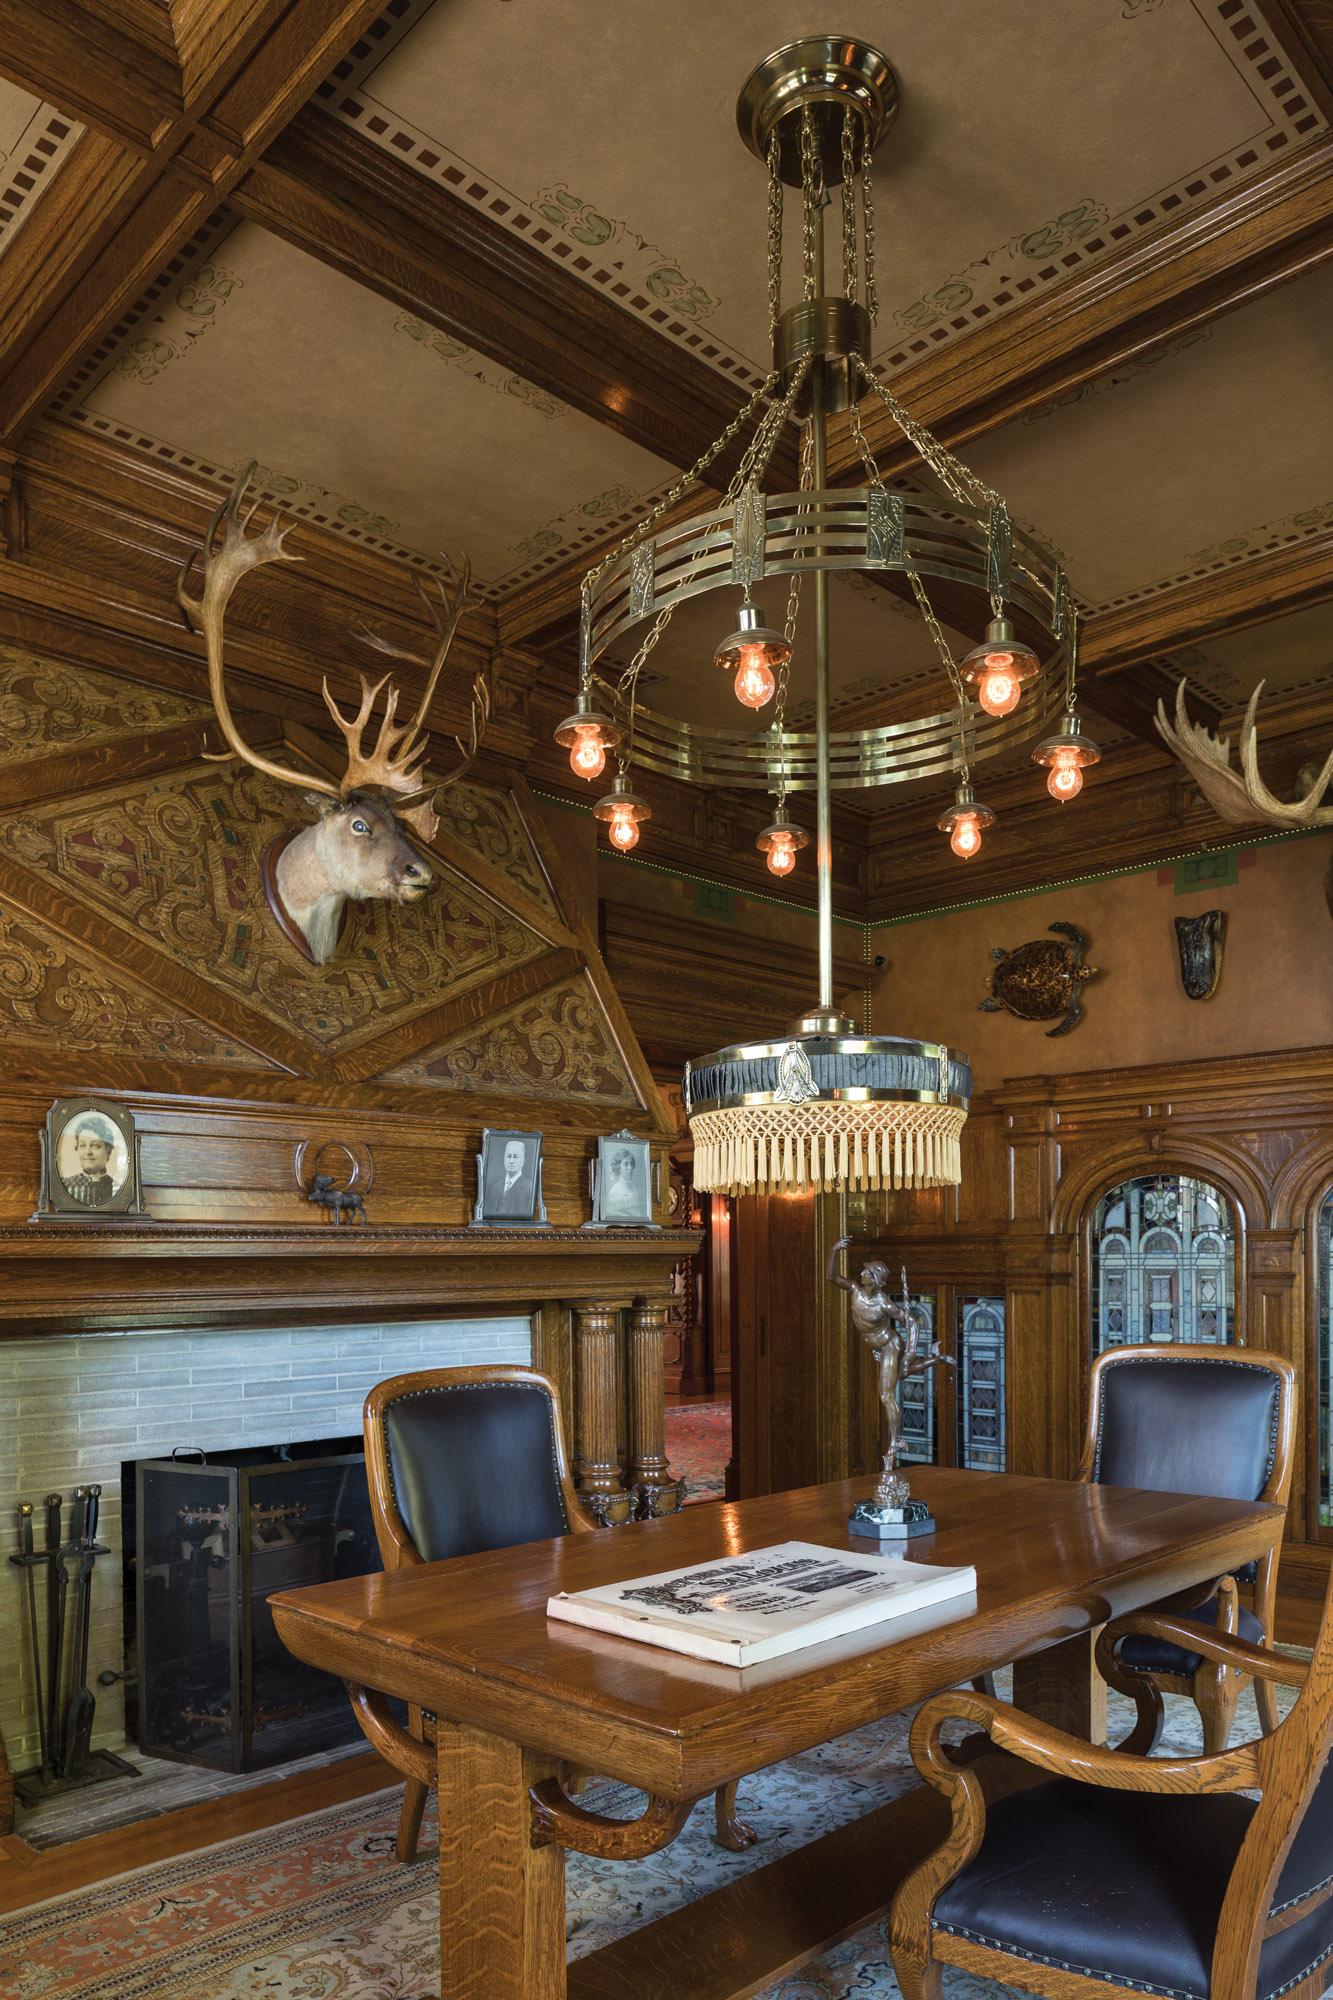 original chandelier